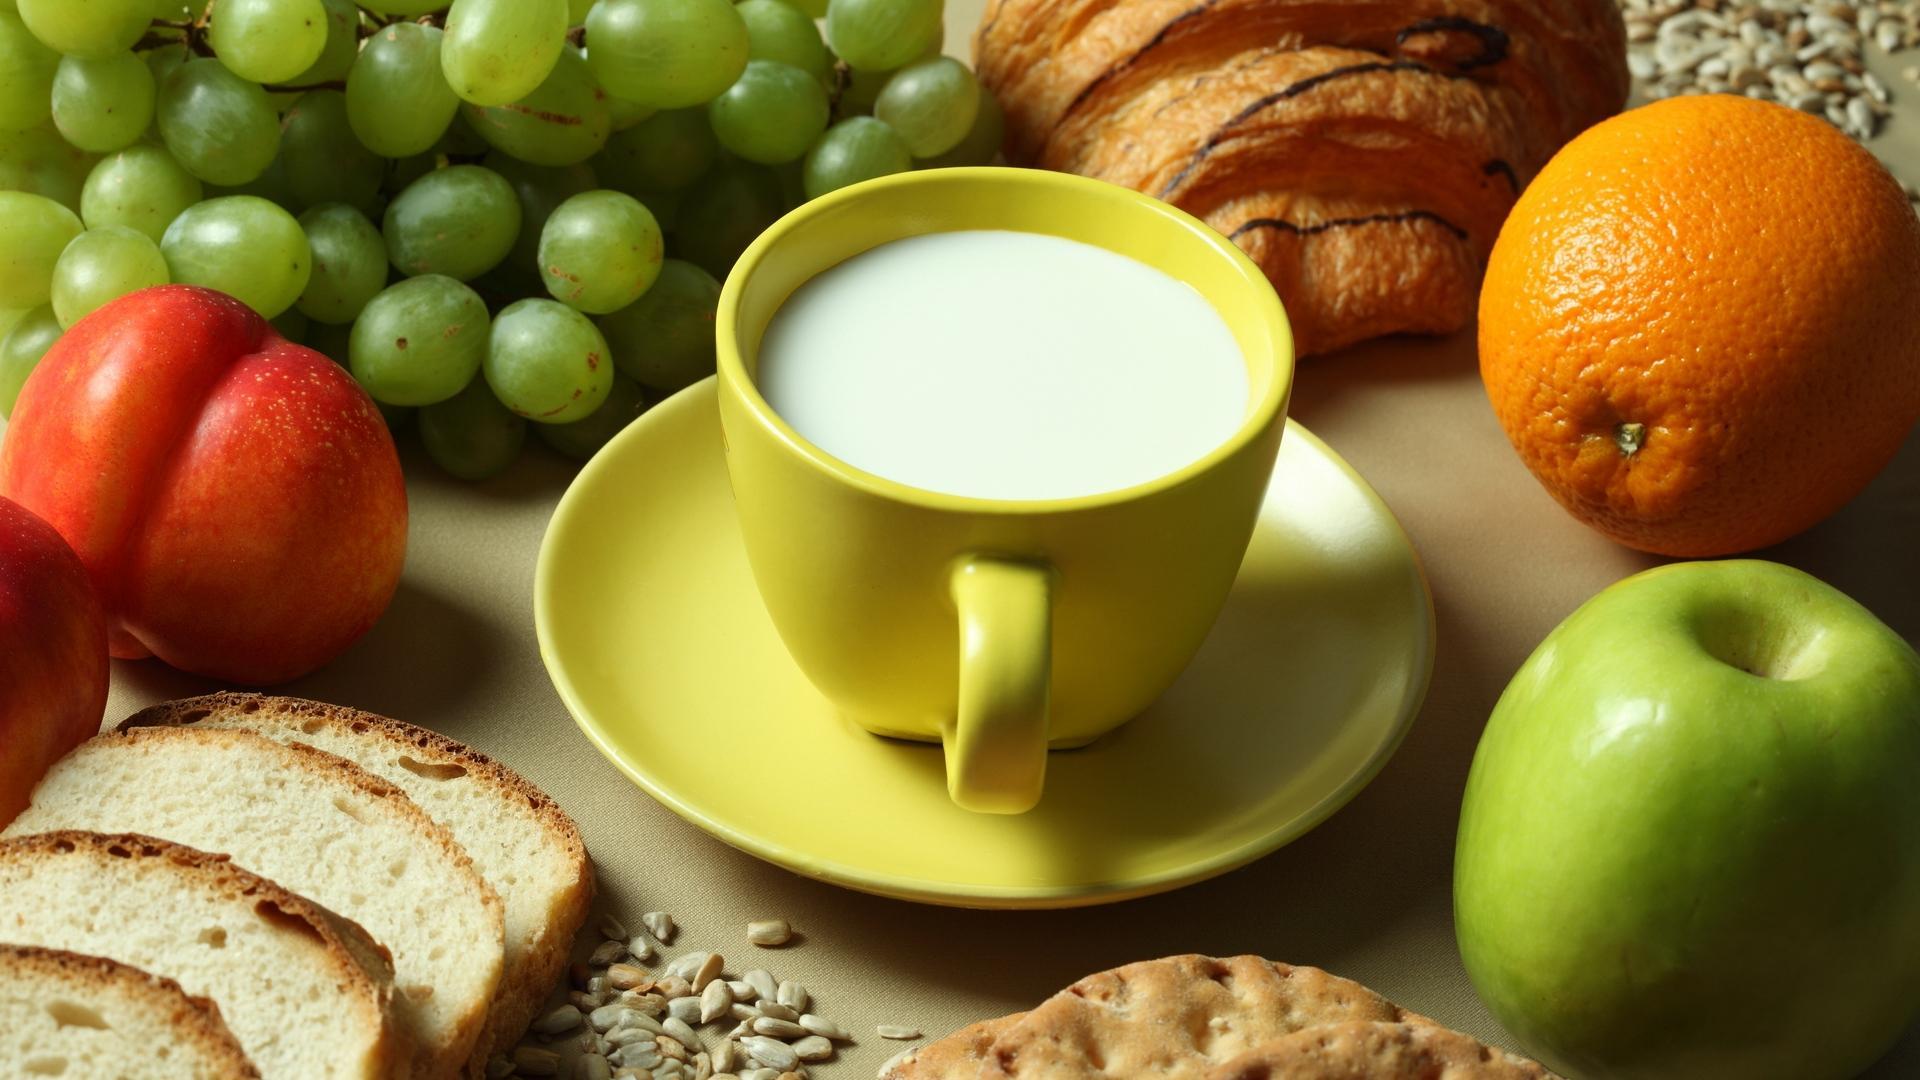 Bữa phụ dinh dưỡng cho trẻ 1 tuổi nên bổ sung sữa, các thực phẩm làm từ sữa, tái cây và bánh quy